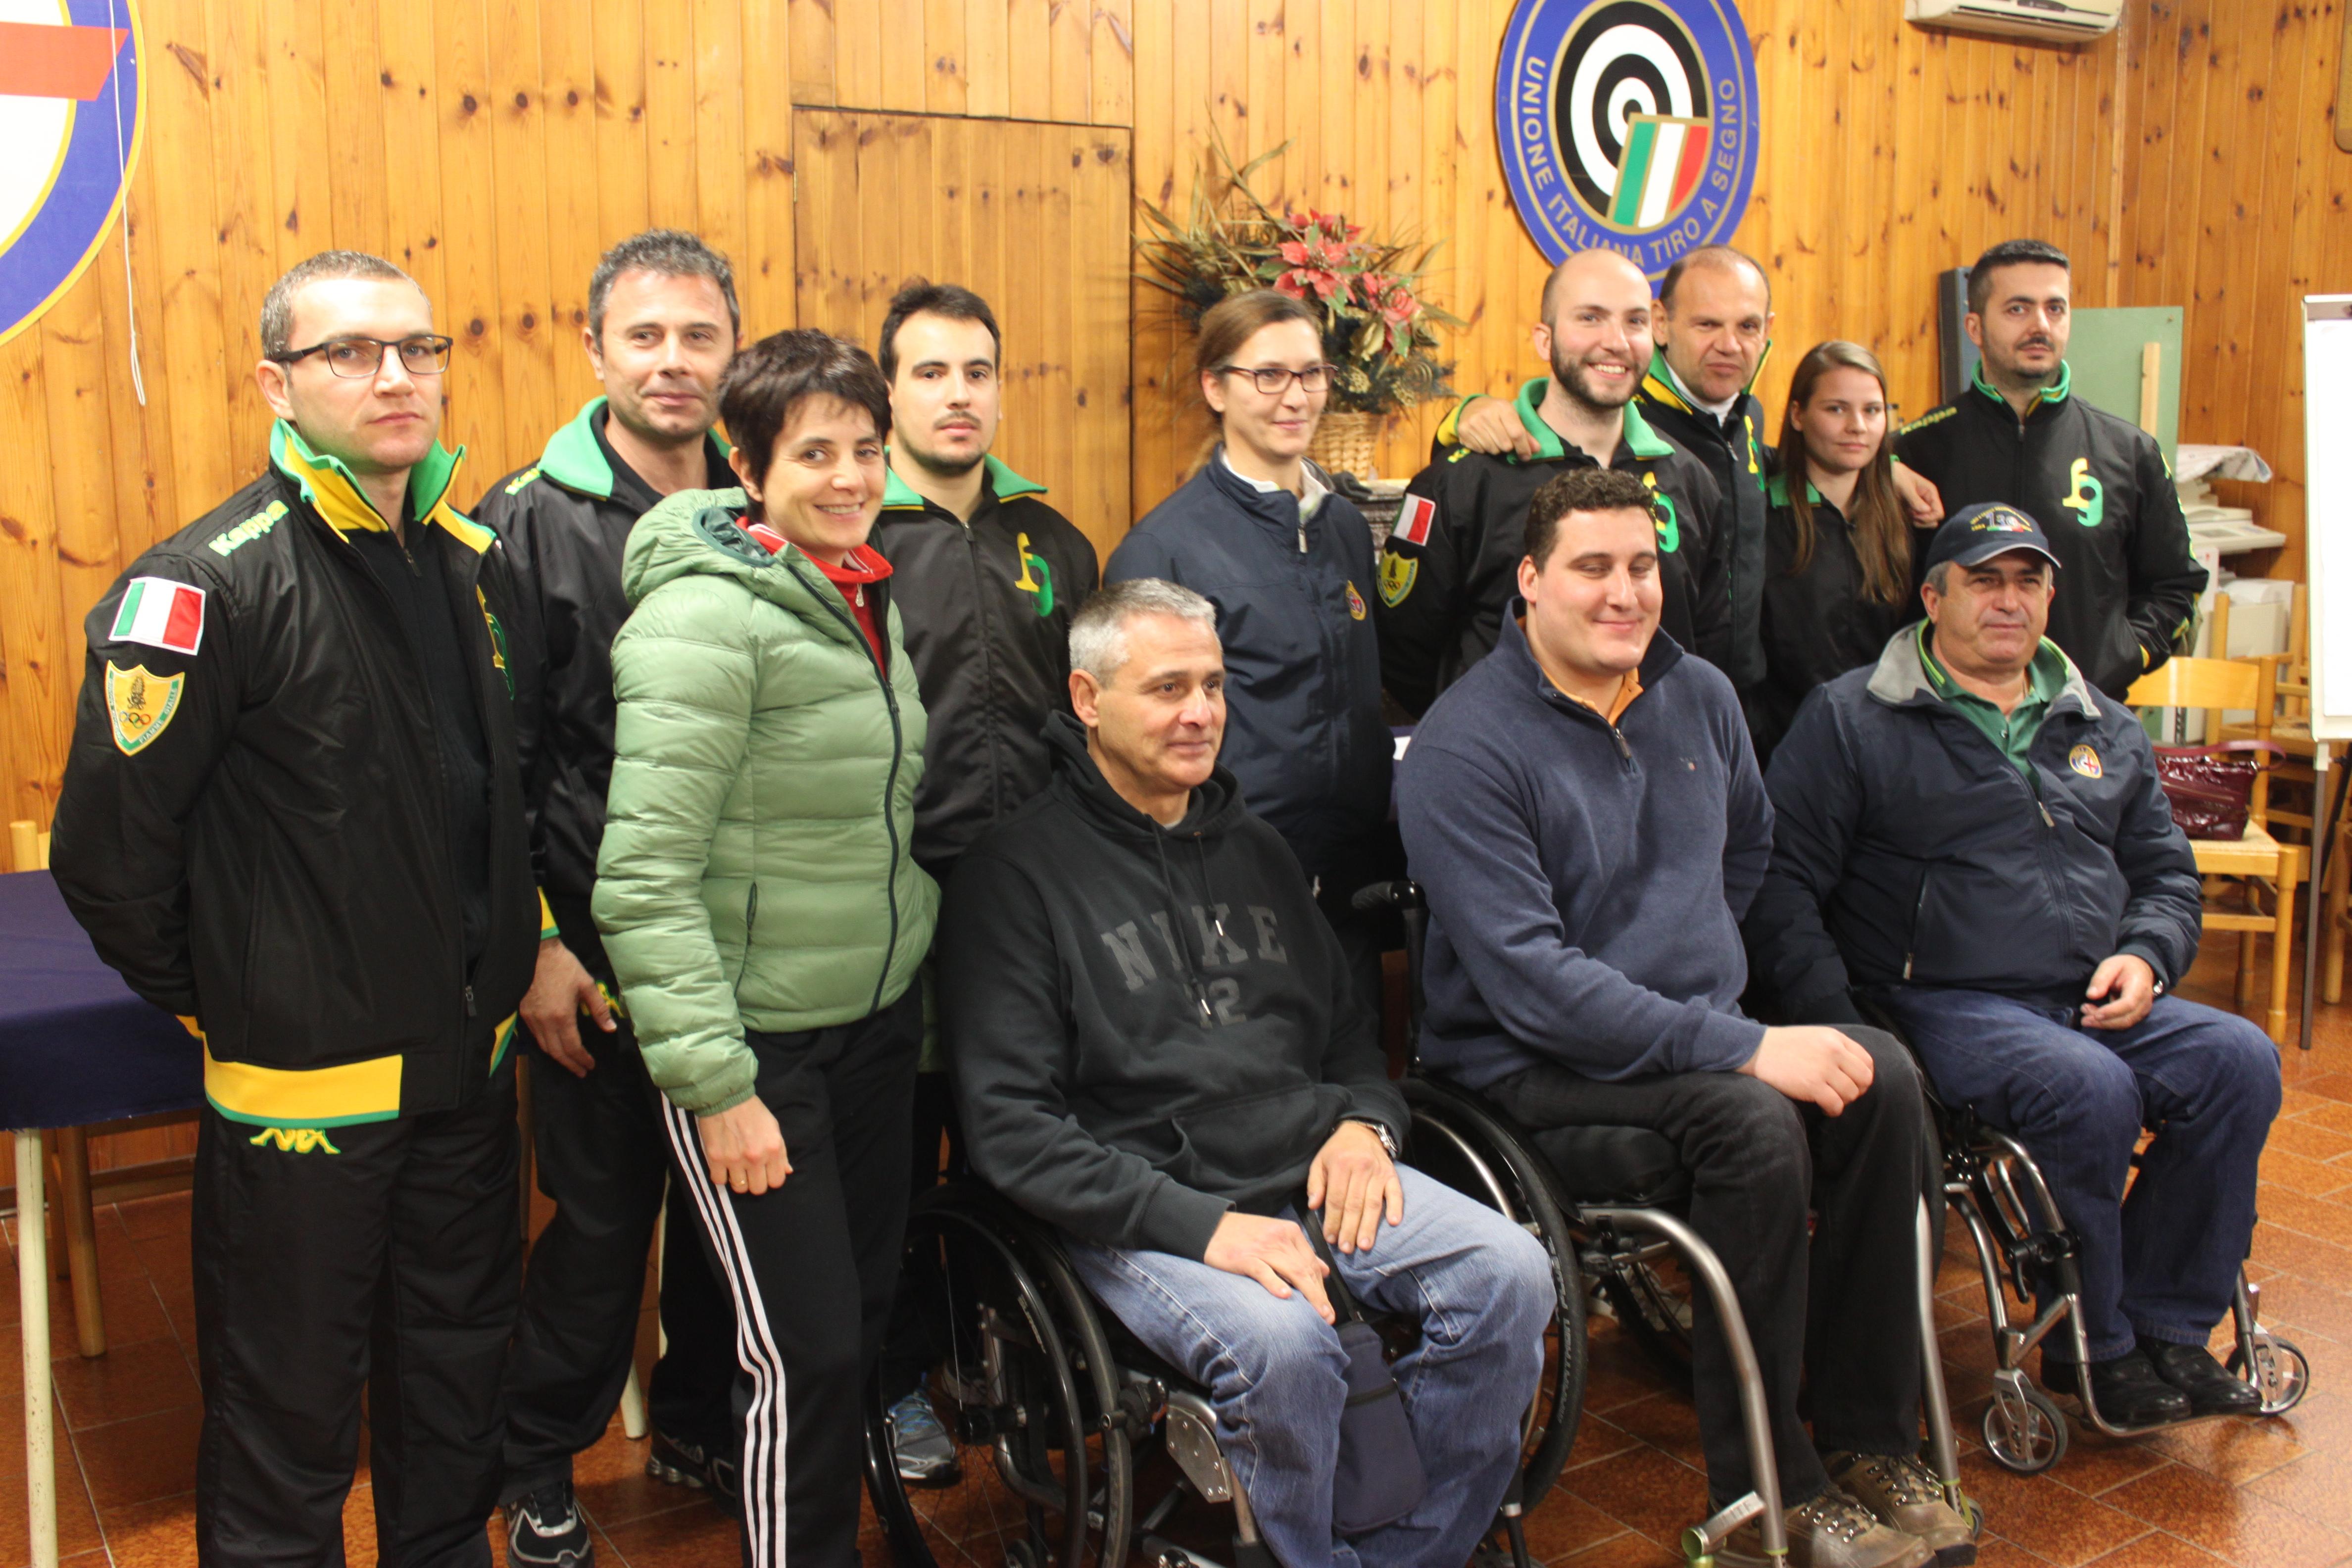 A Padova Niccolò Campriani e lo staff tecnico azzurro incontrano gli atleti della nazionale  disabili